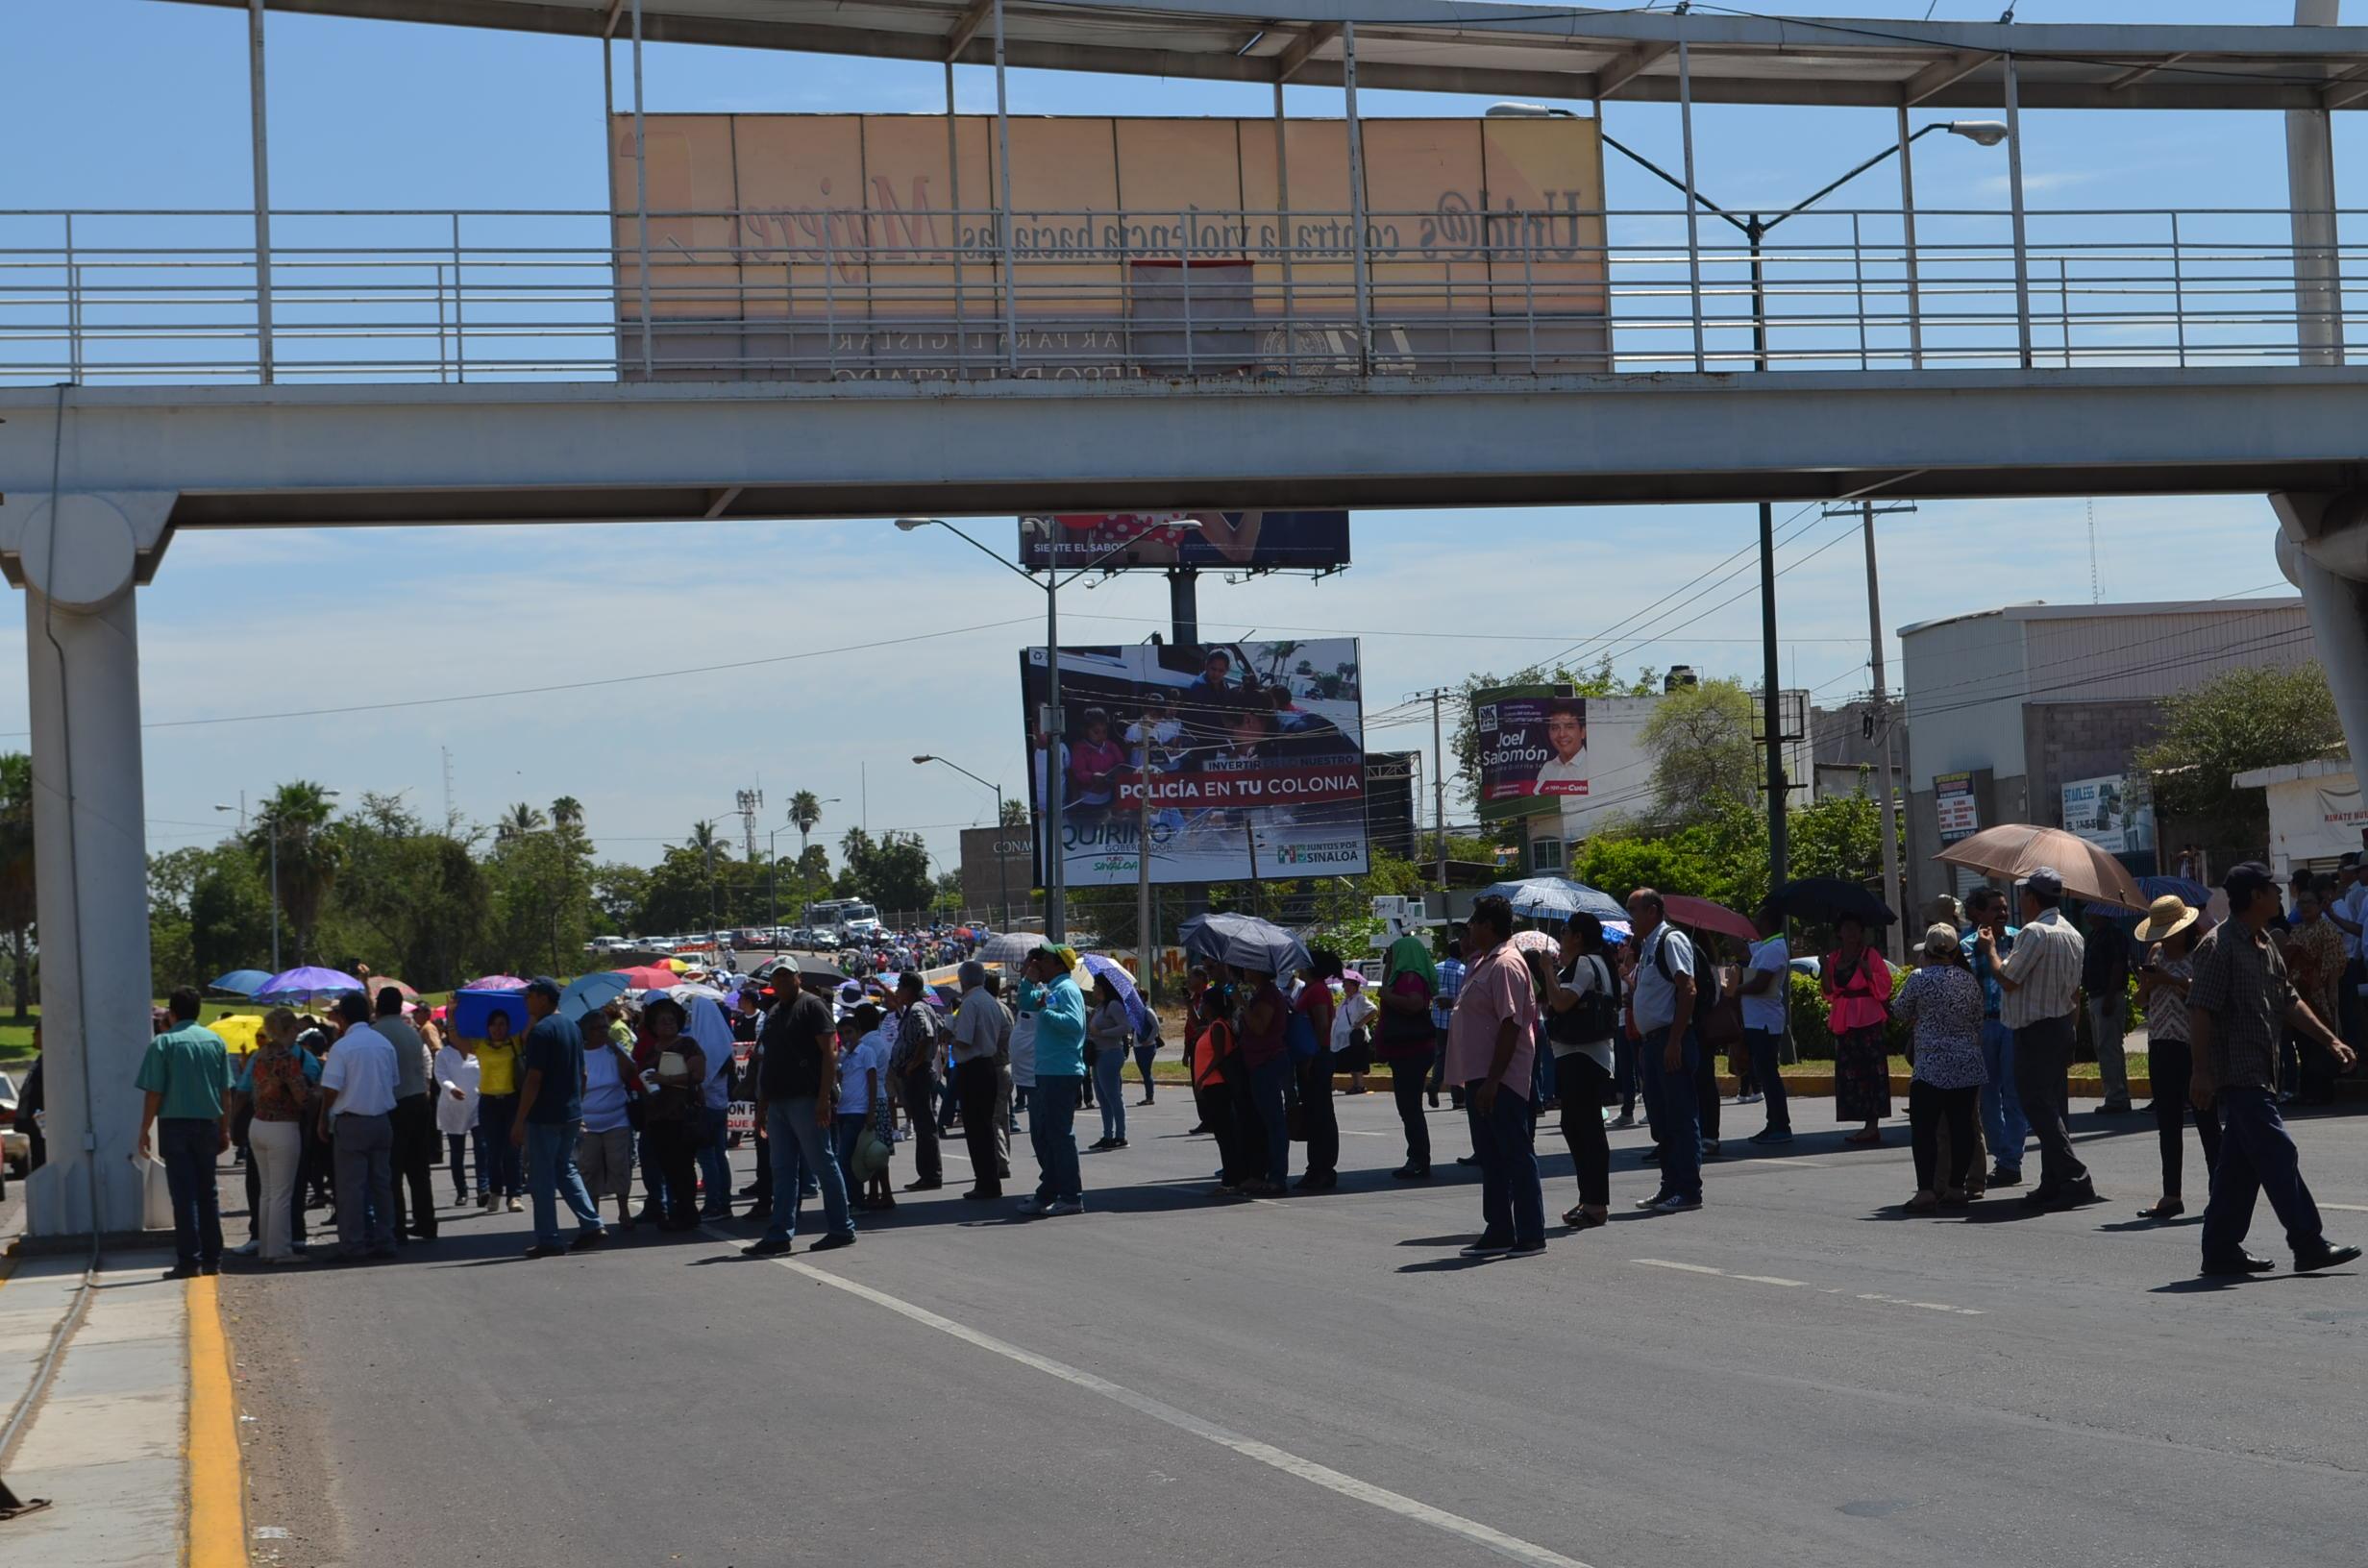 """""""Es una reforma administrativa en contra de los derechos de los maestros"""" afirman los protestantes. Fotografía: Gabriela Sánchez"""